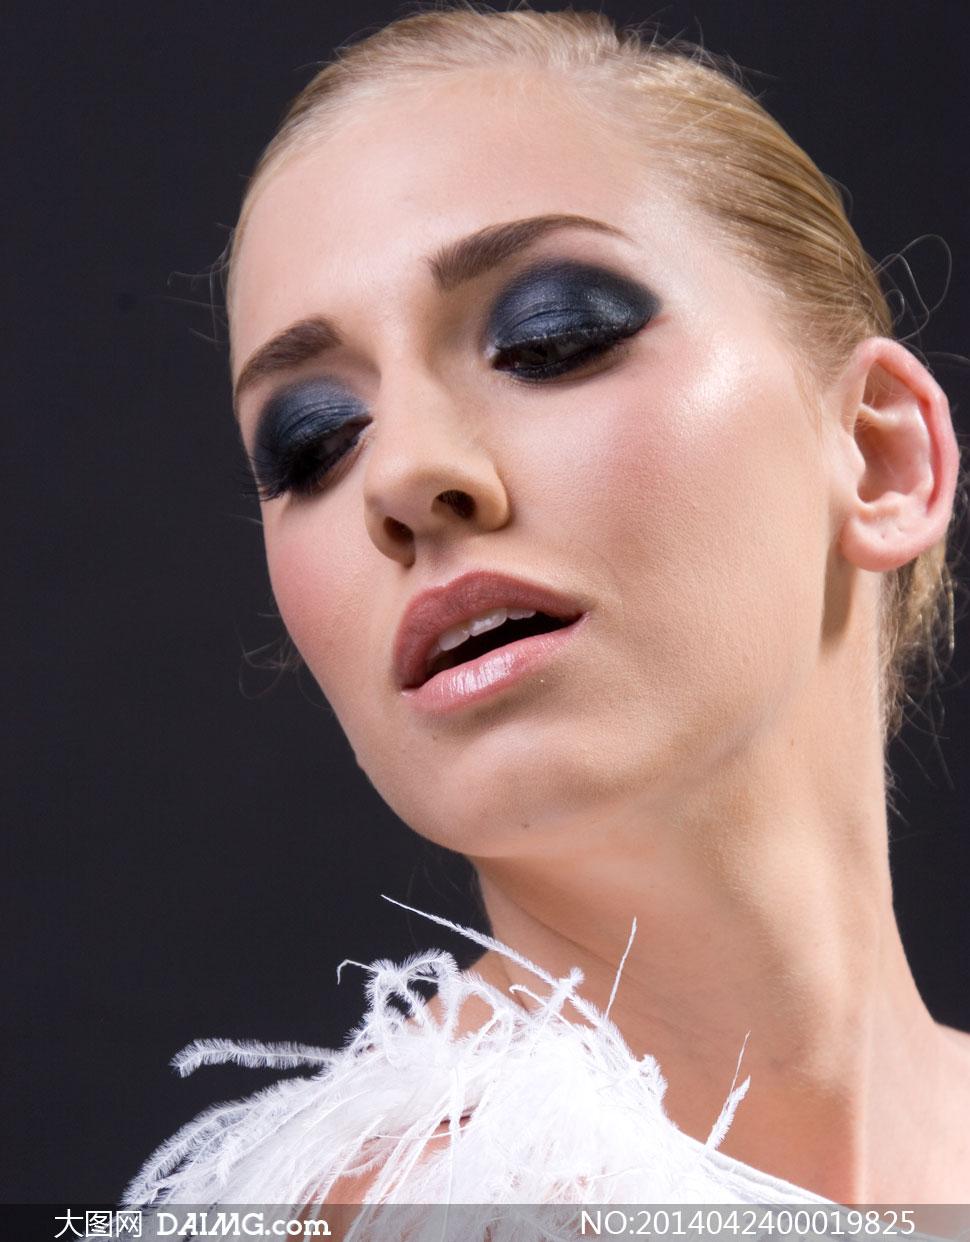 看欧美���a�.�9.b9�dy��_向上看的欧美彩妆模特摄影图片